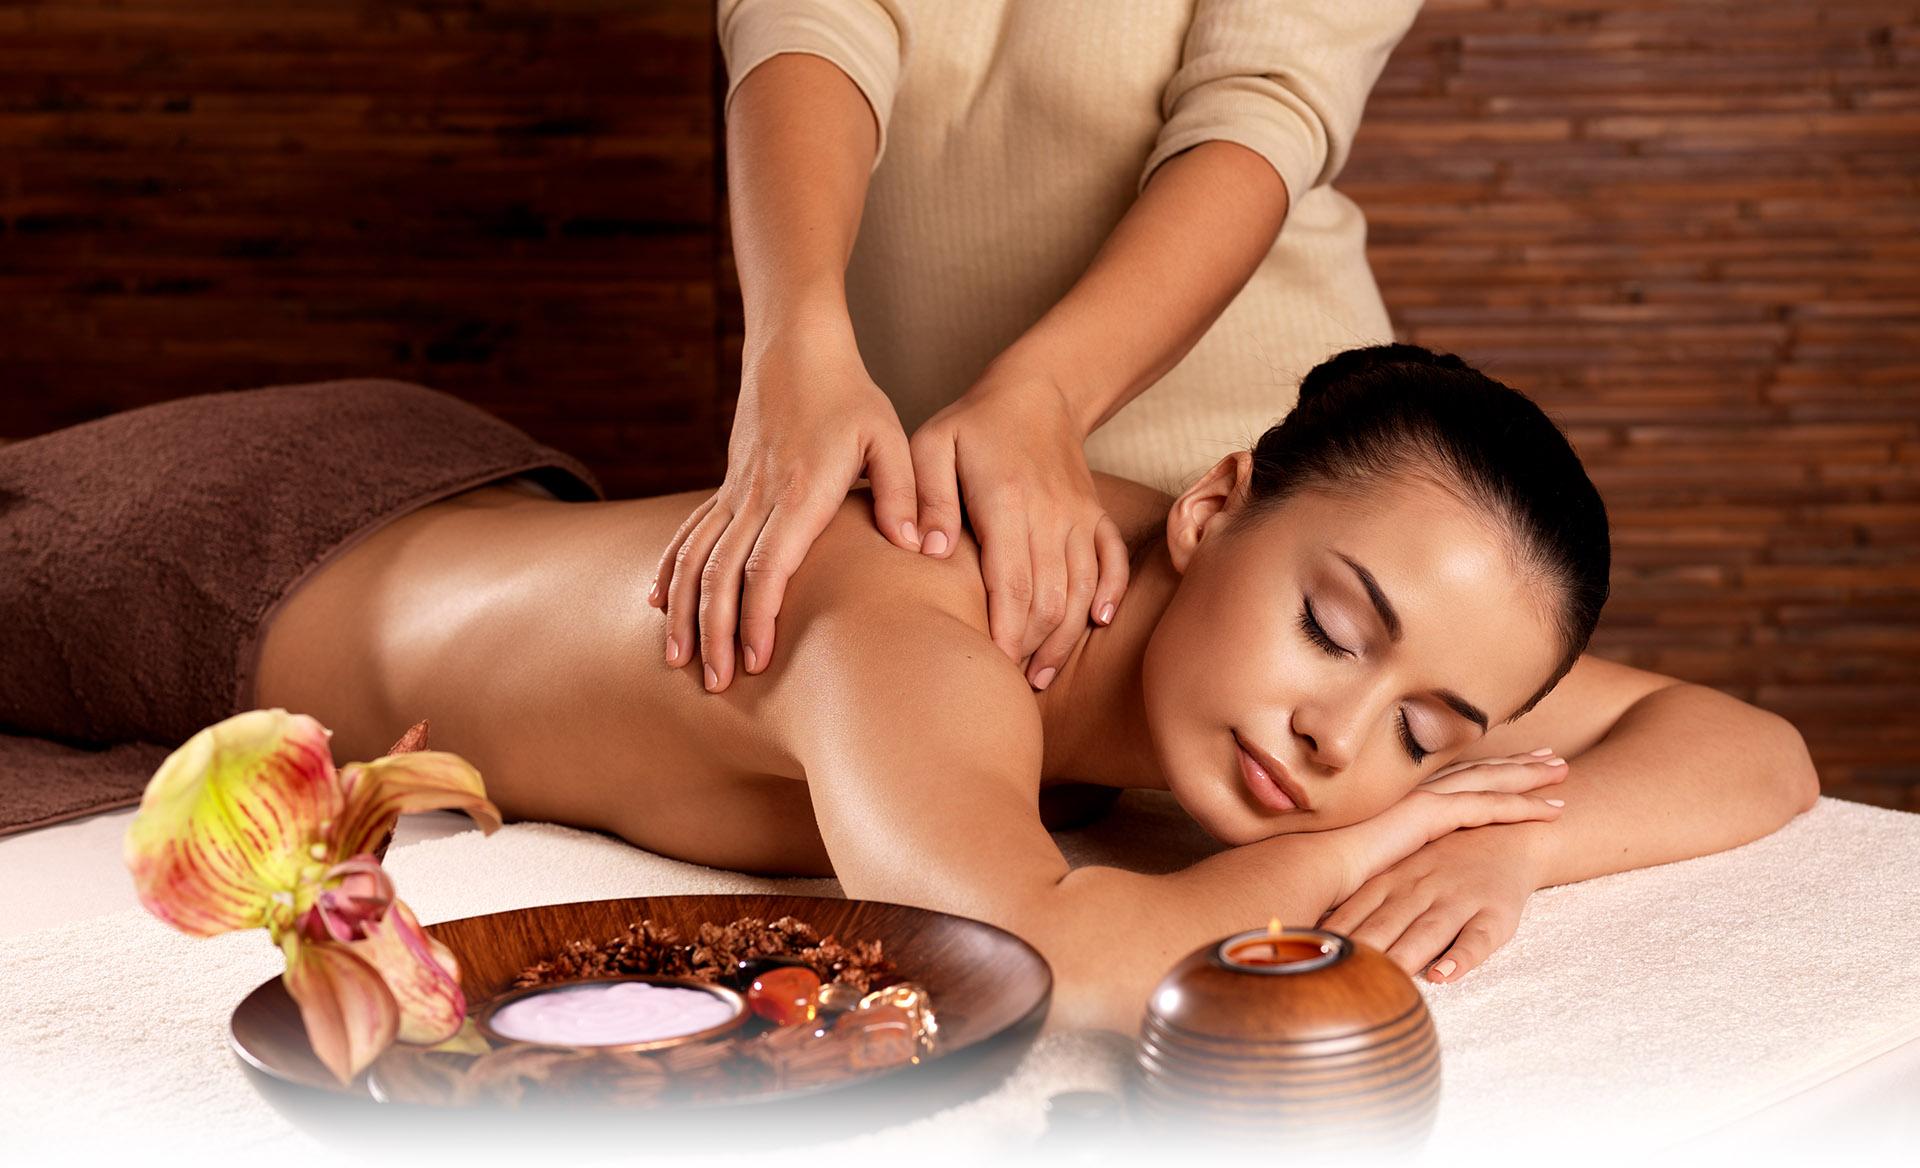 Zabiegi orientalne w gabinecie masażu w bielsku-białej